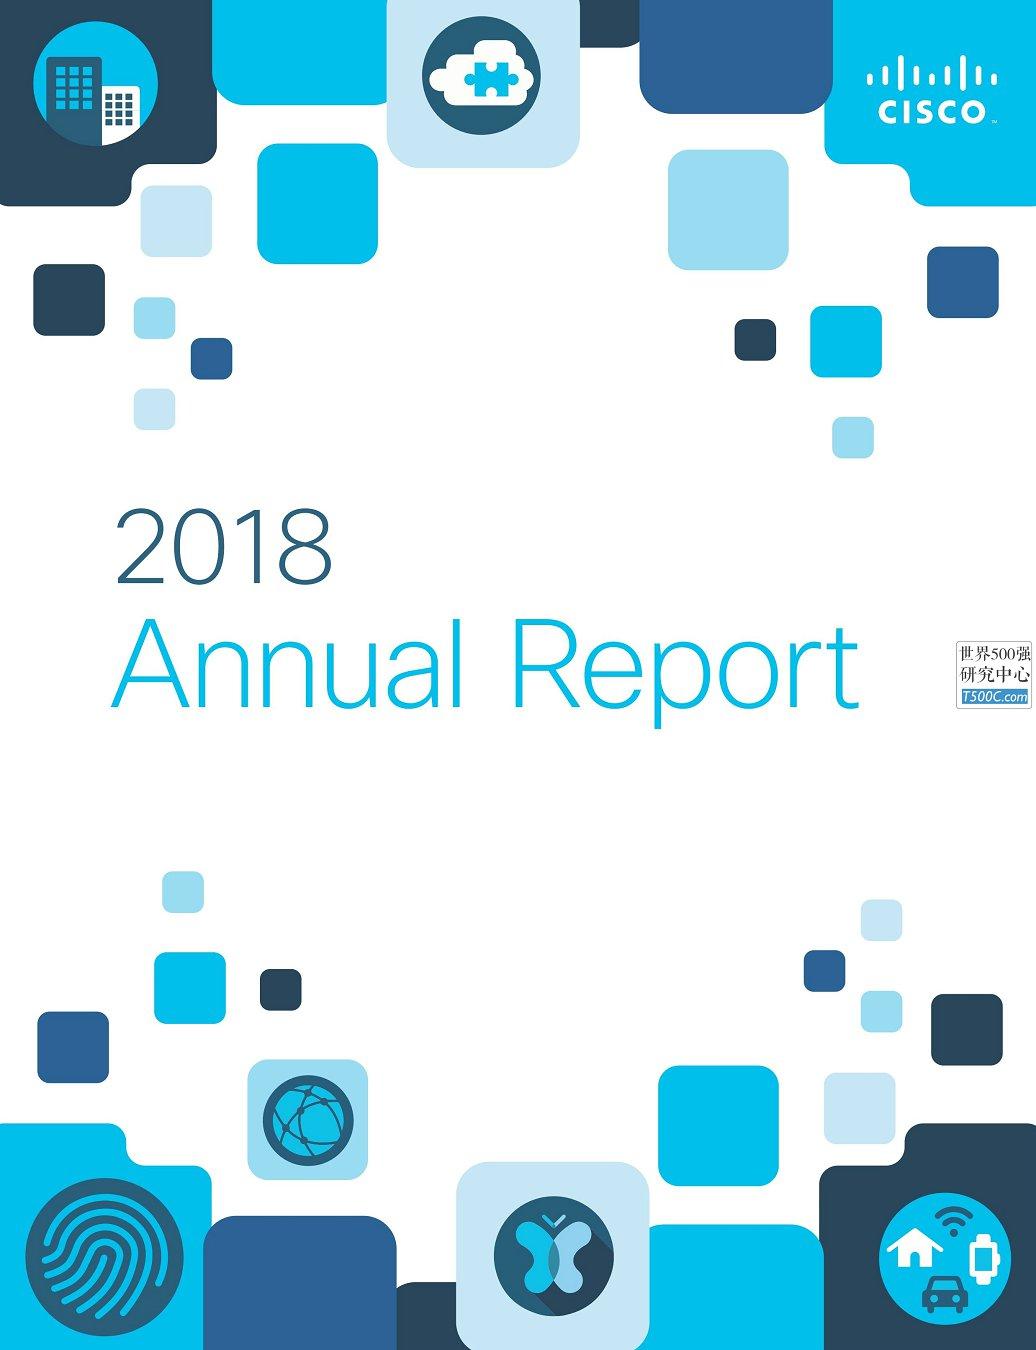 思科Cisco_年报AnnualReport_2018